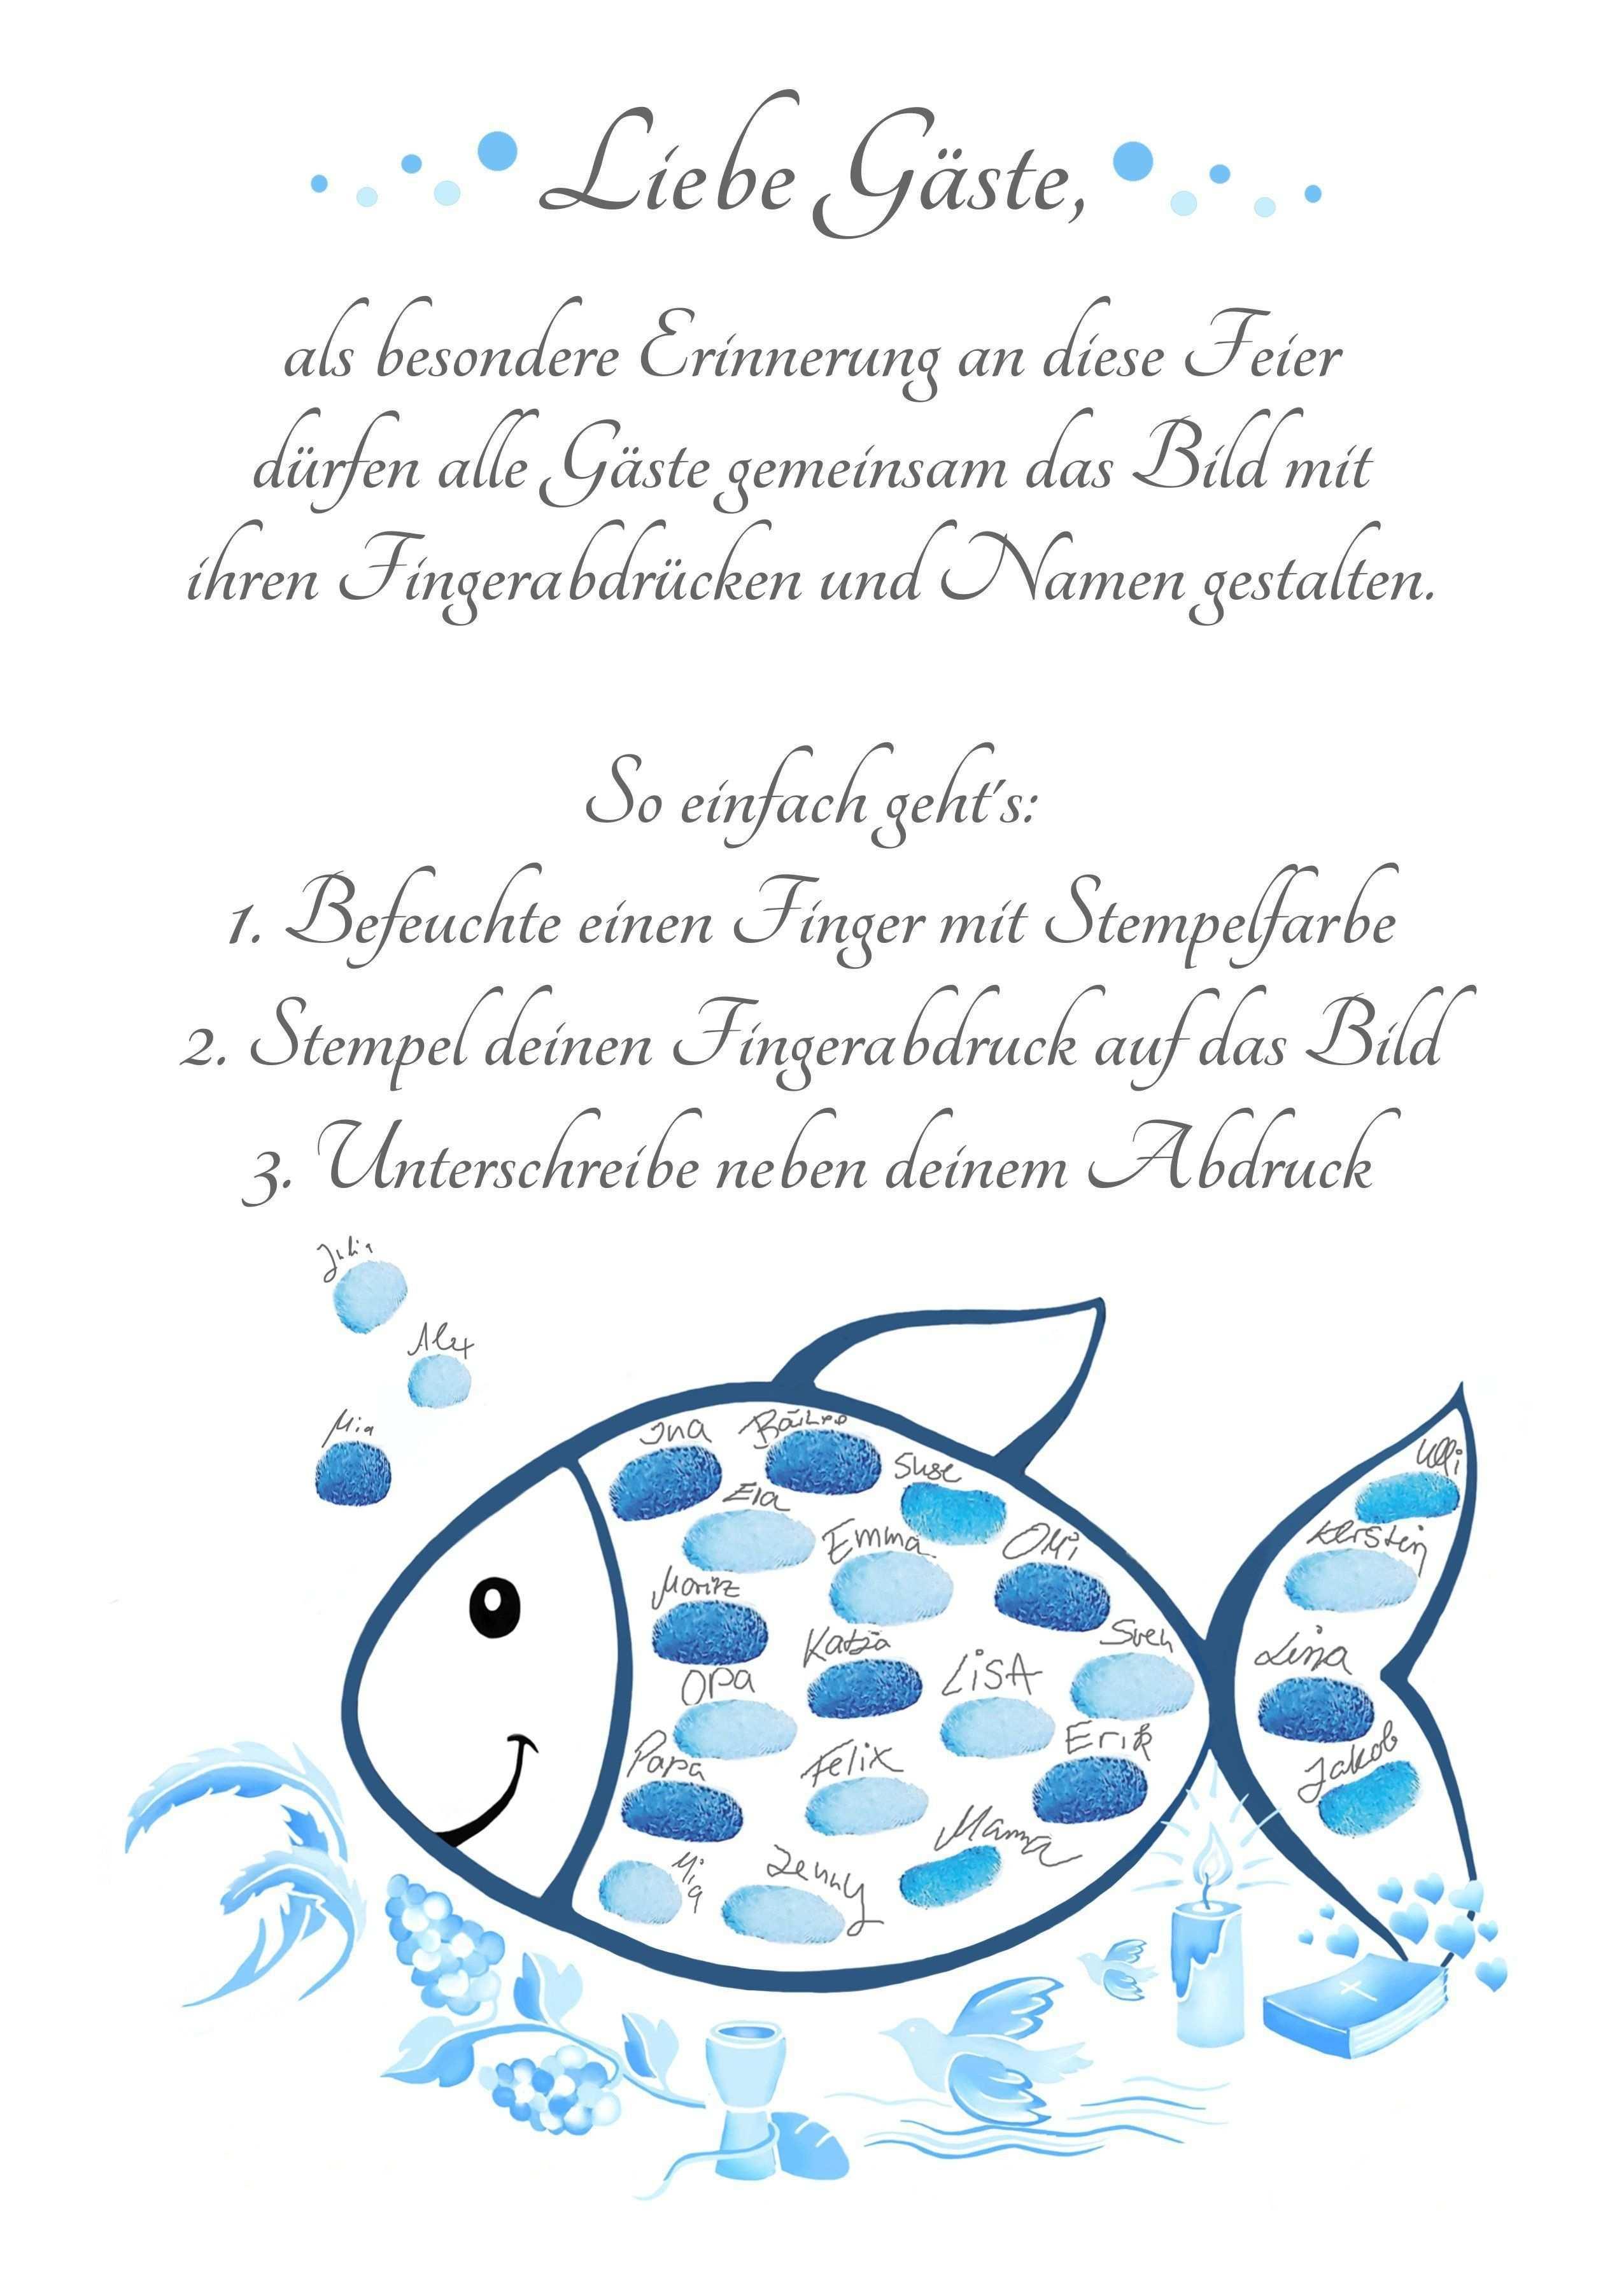 Tauffisch Fingerabdruck Taufe Fisch Blau Taufdeko Und Taufgeschenk Geschenke Zur Kommunion Taufe Fisch Kommunion